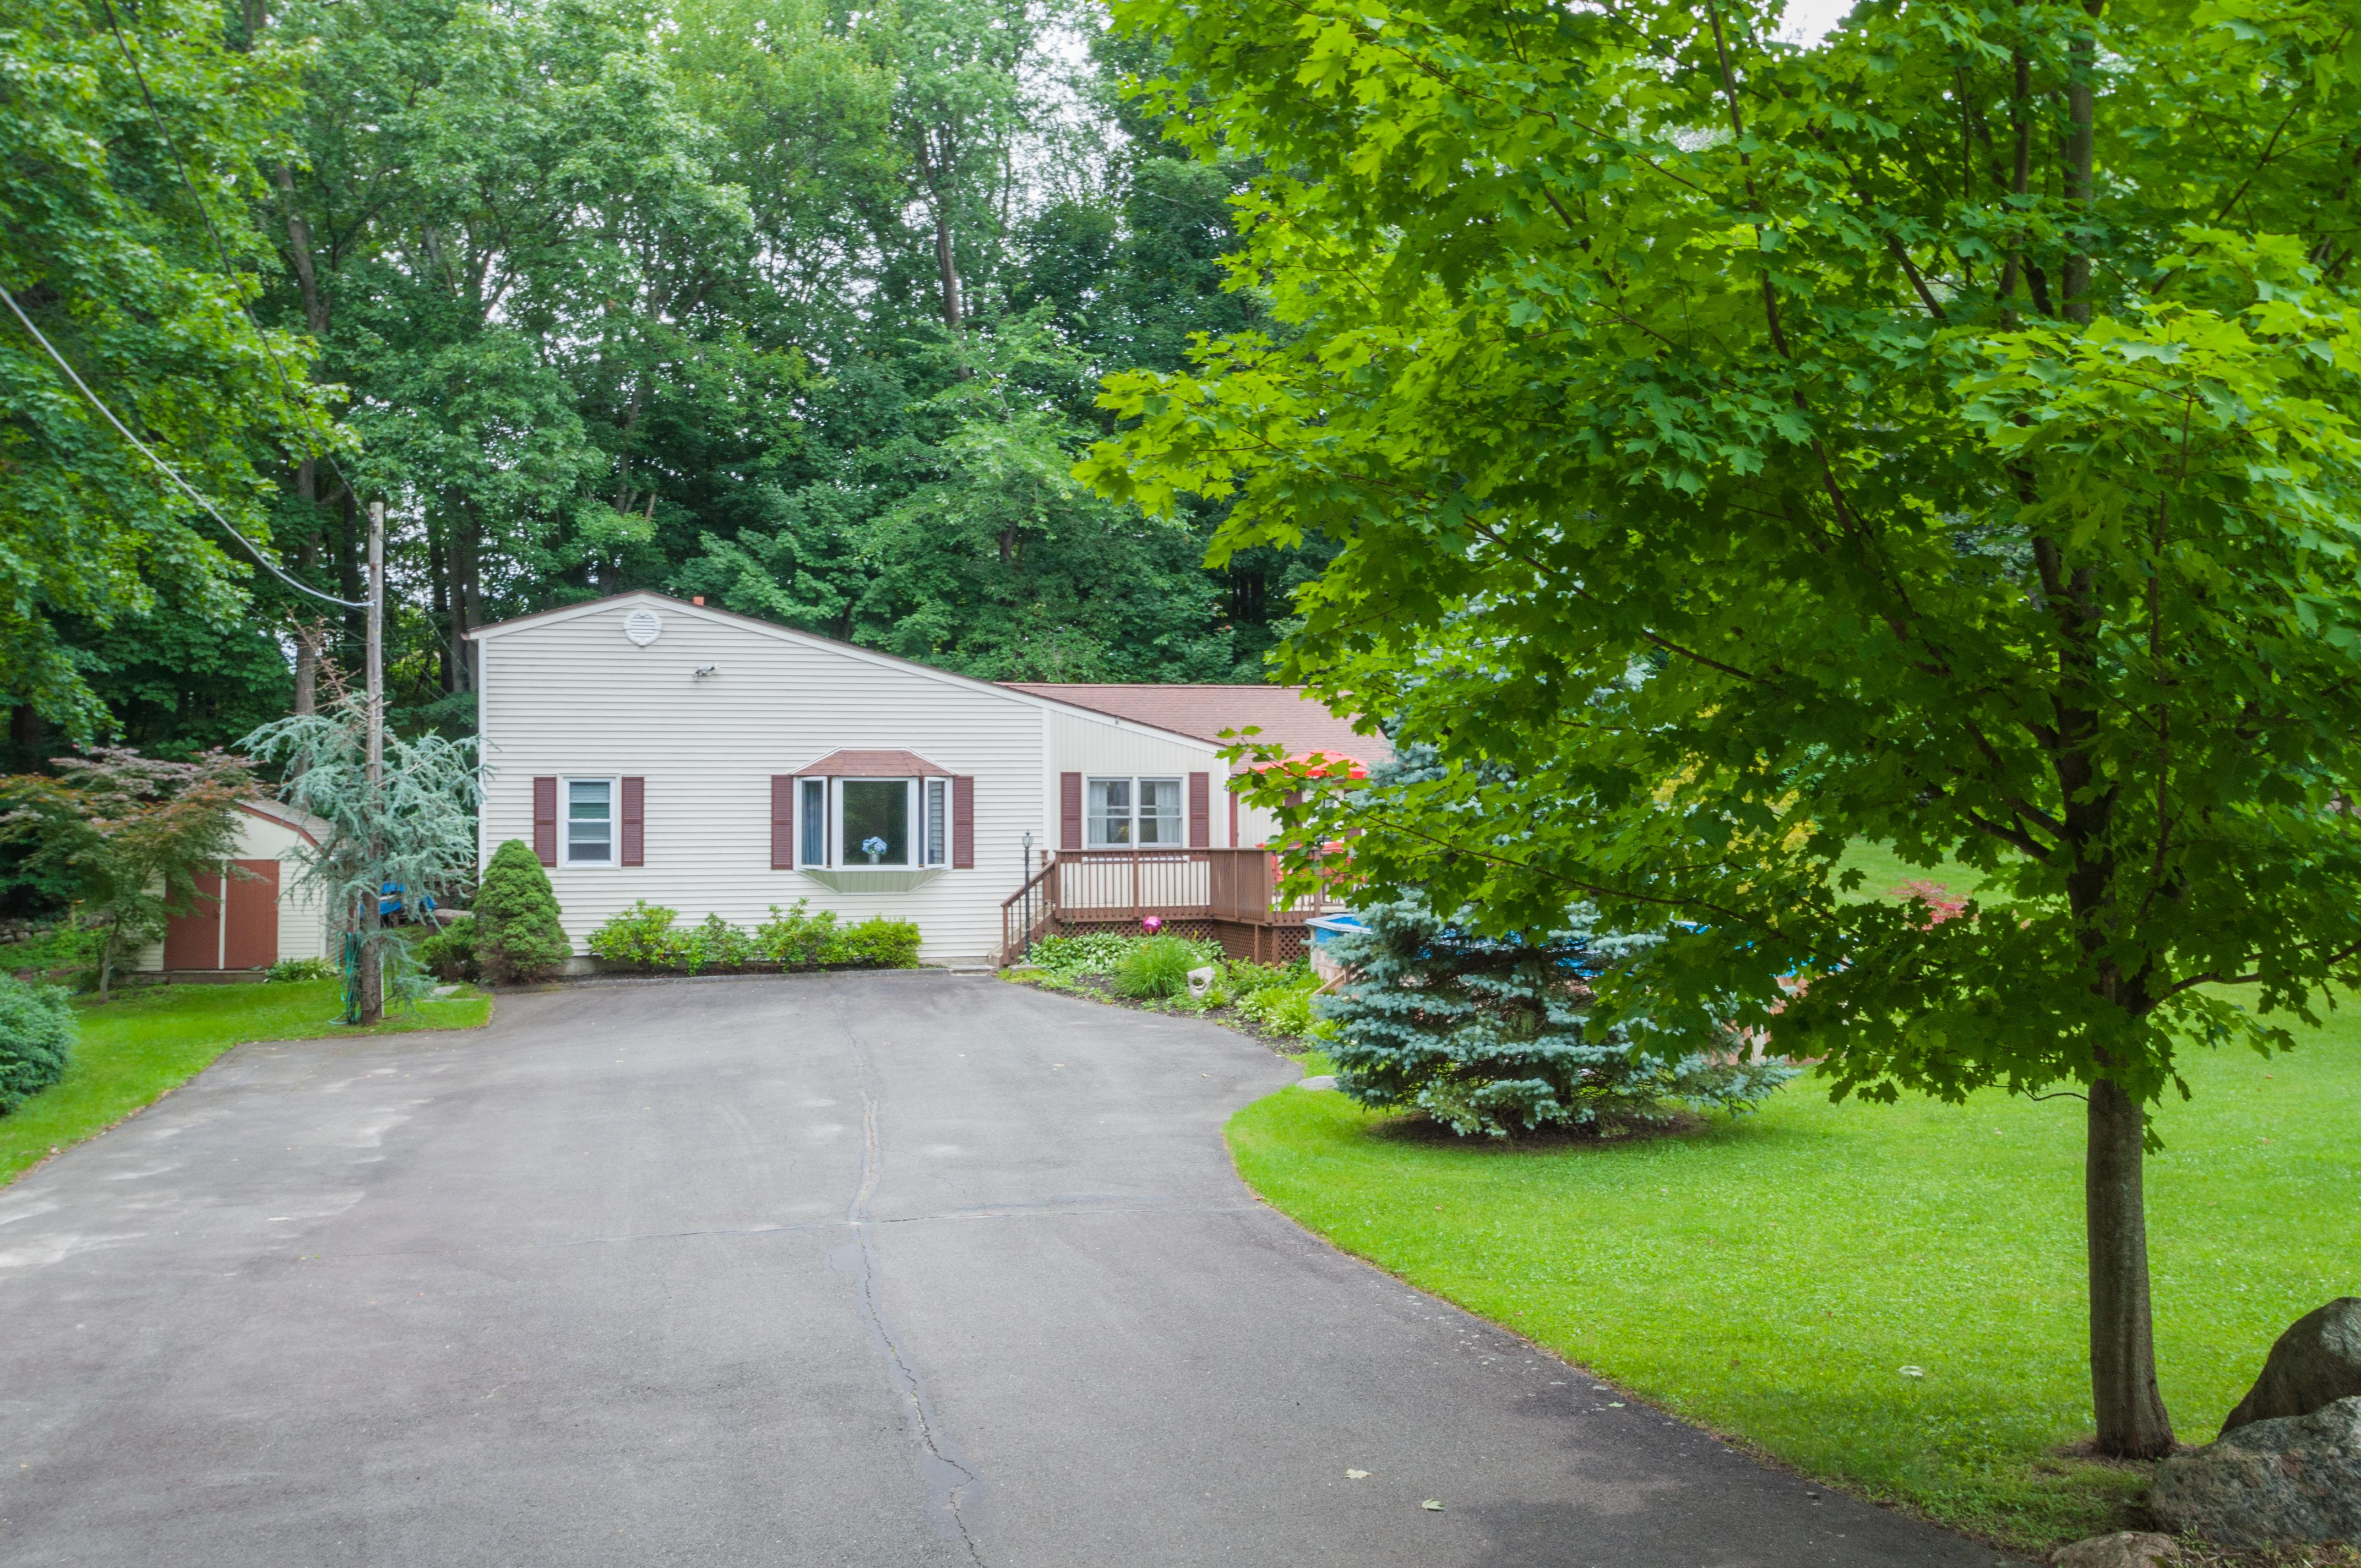 Maison unifamiliale pour l Vente à Spacious One Level Ranch 4 Mazur Drive Danbury, Connecticut 06811 États-Unis